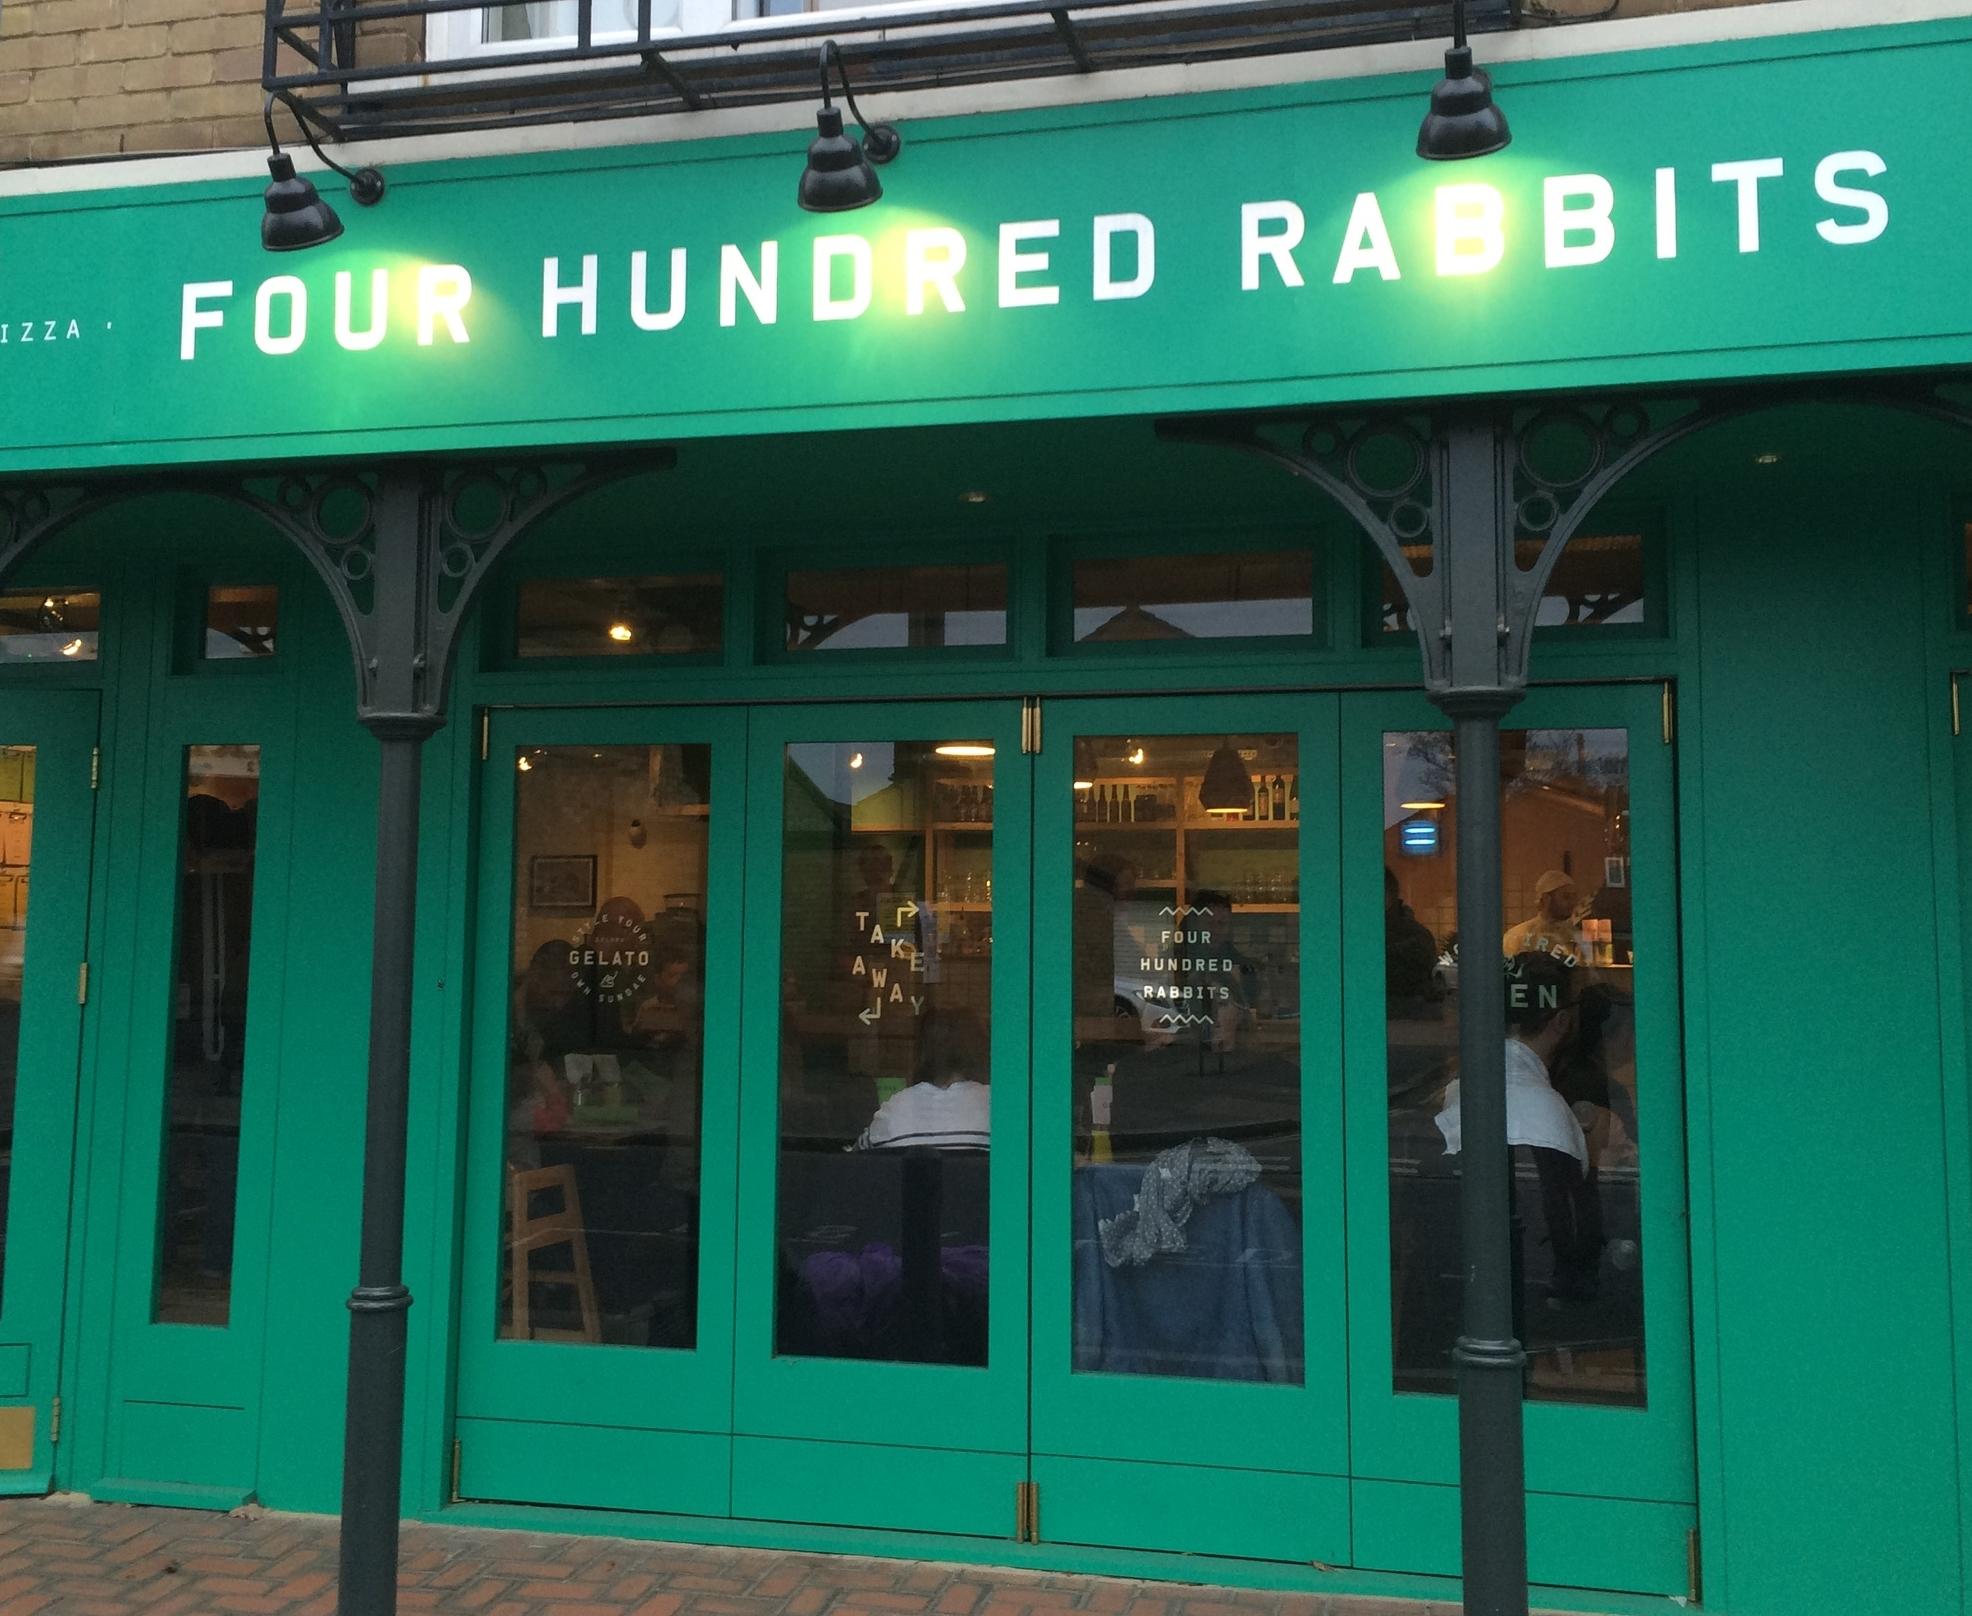 fourhundredrabbits.jpg